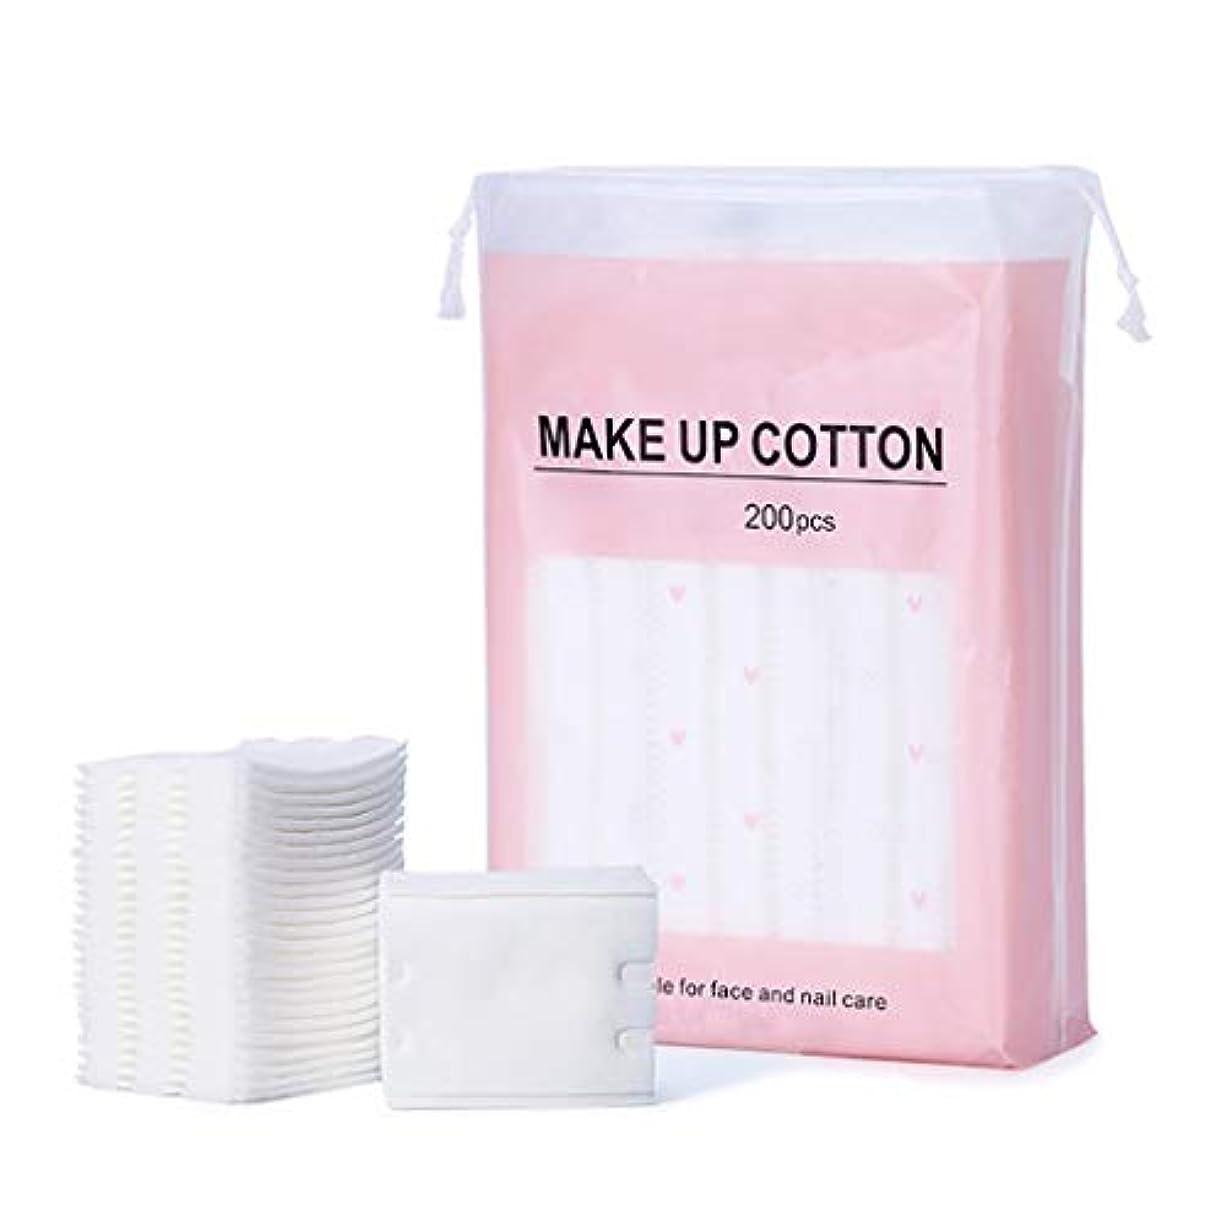 色口頭ロック解除クレンジングシート 200ピース三層化粧品コットンパッド拭きナチュラル毎日用品フェイシャルコットンメイク落としツール (Color : White)